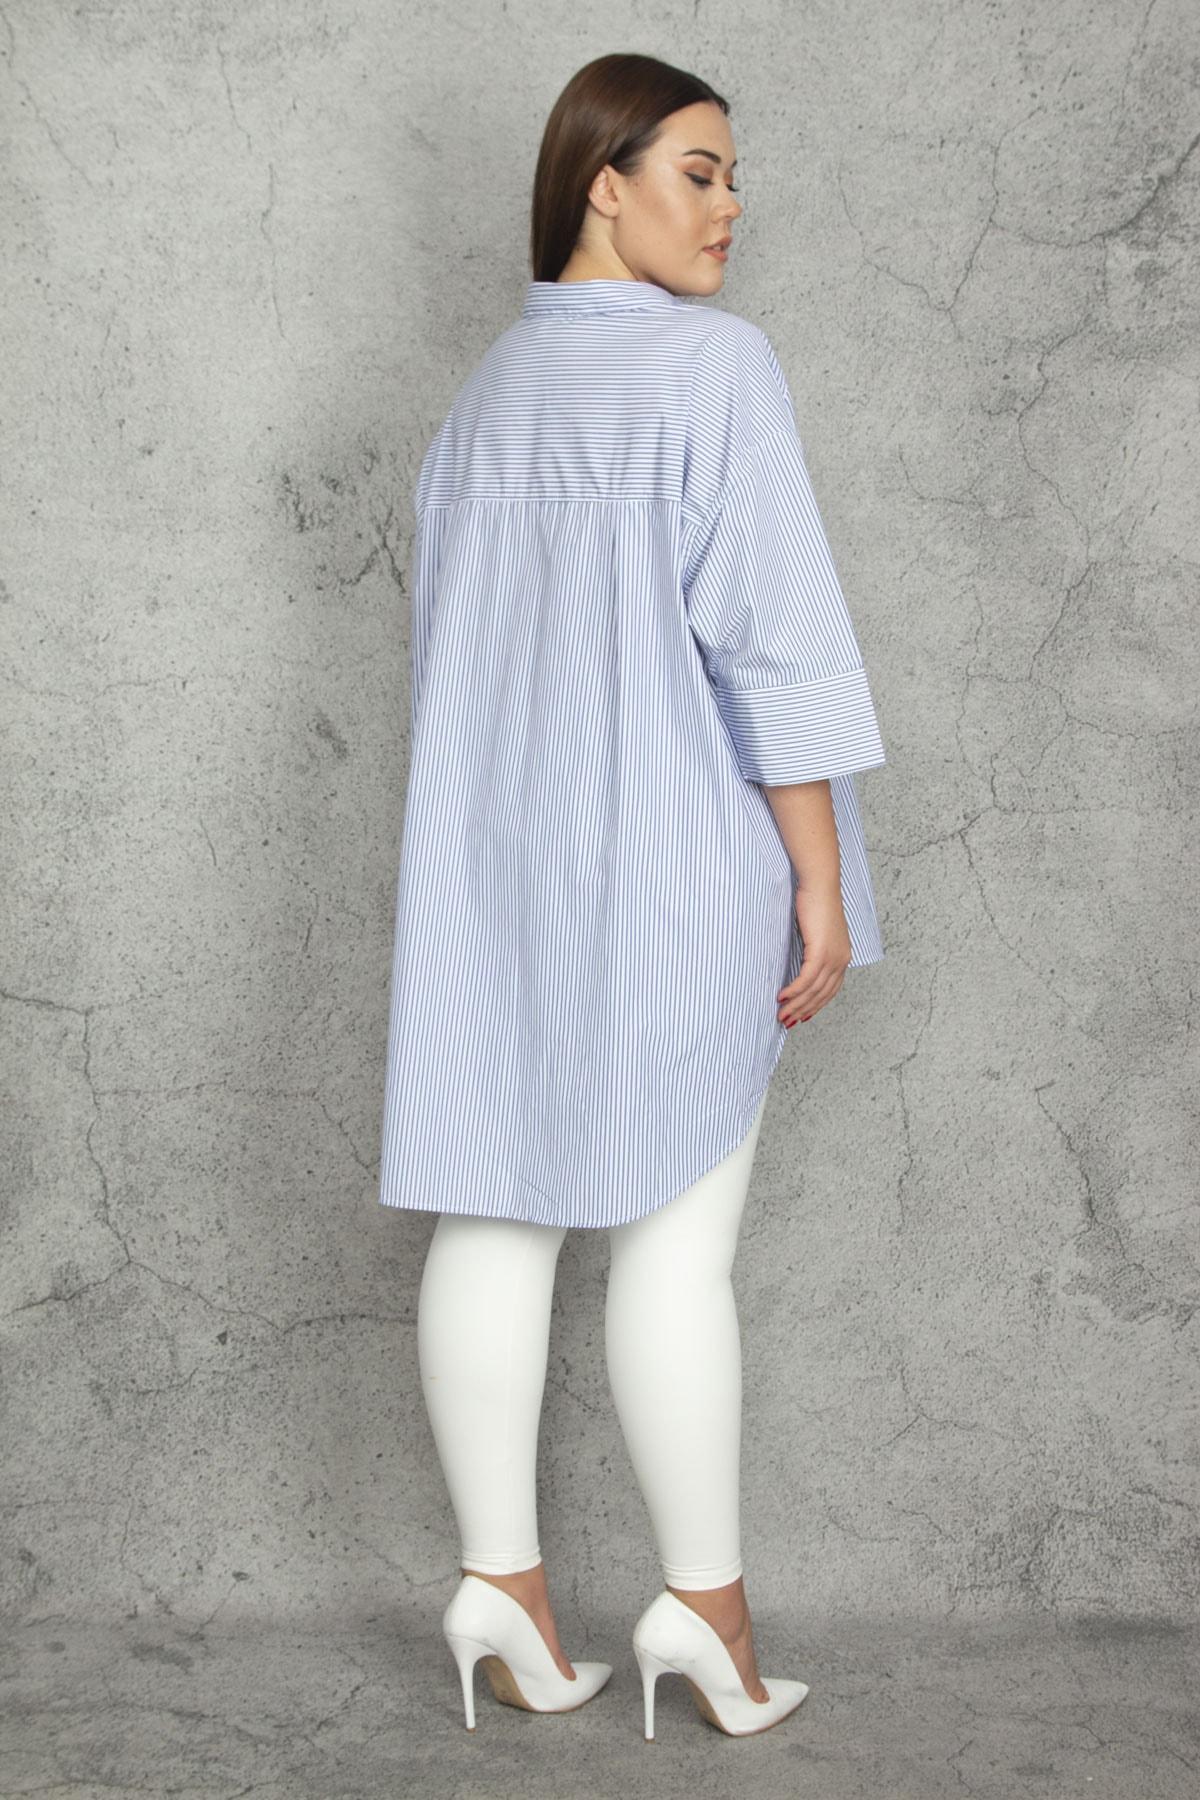 Şans Kadın Mavi Oversize Çizgili Koton Gömlek 65N20742 2